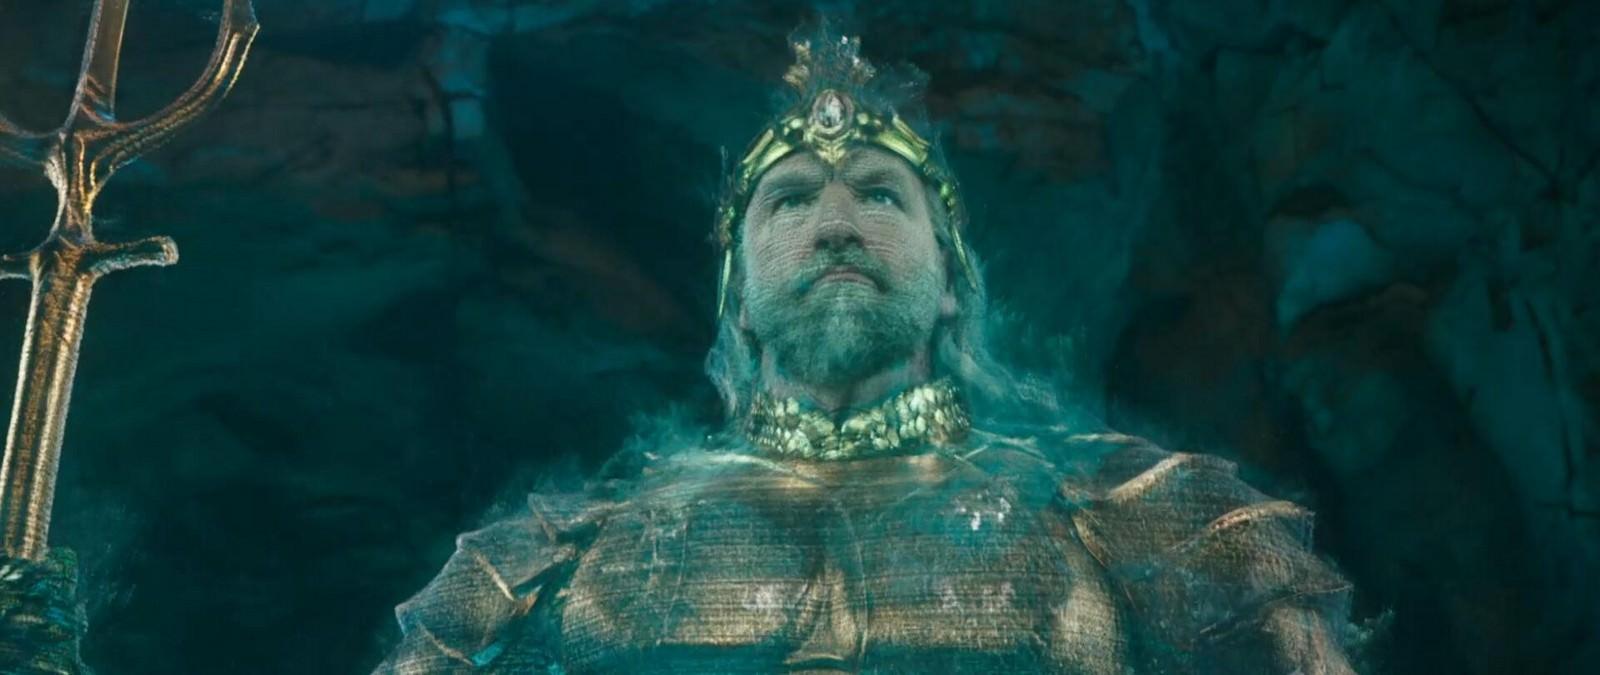 Movie, Aquaman(美國, 2018年) / 水行俠(台灣.香港) / 海王(中國), 電影角色與演員介紹